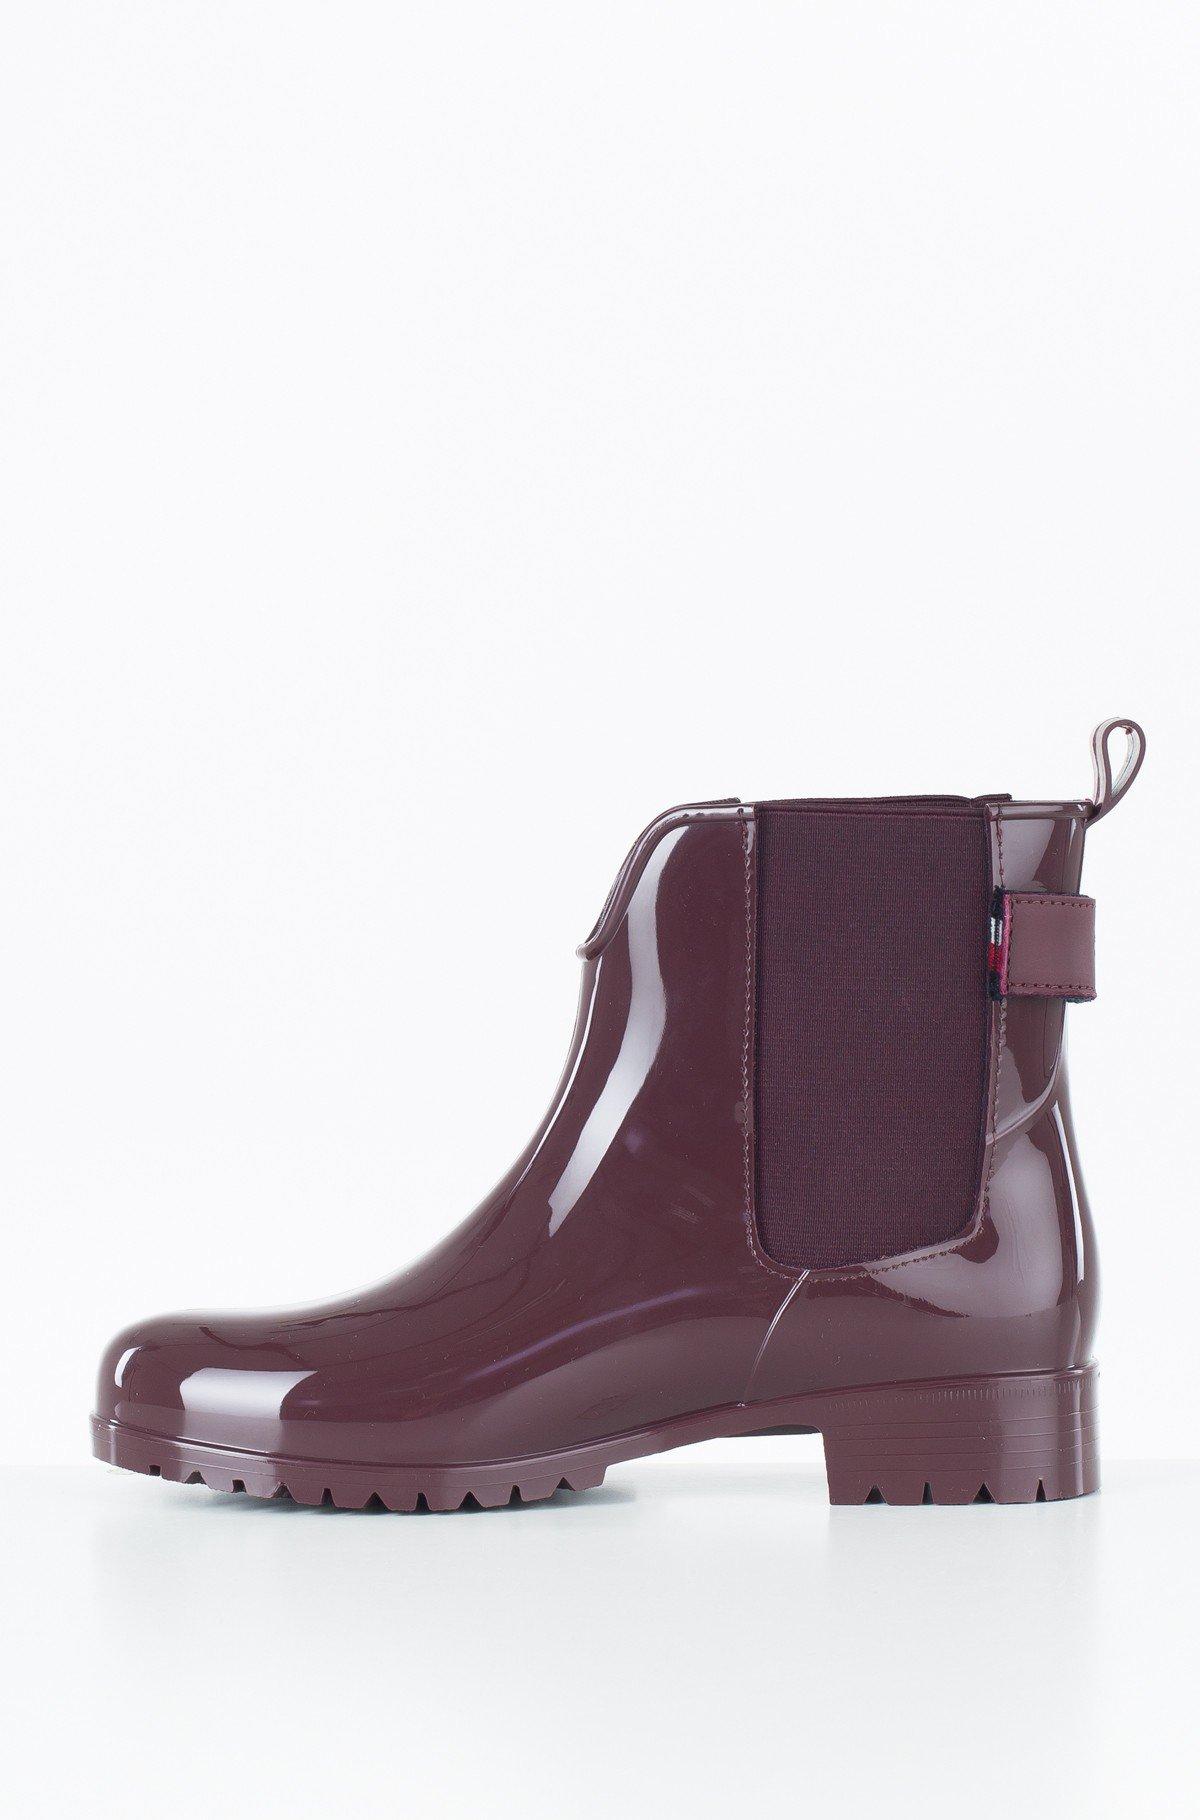 Guminiai batai CORPORATE BELT RAIN BOOT-full-2